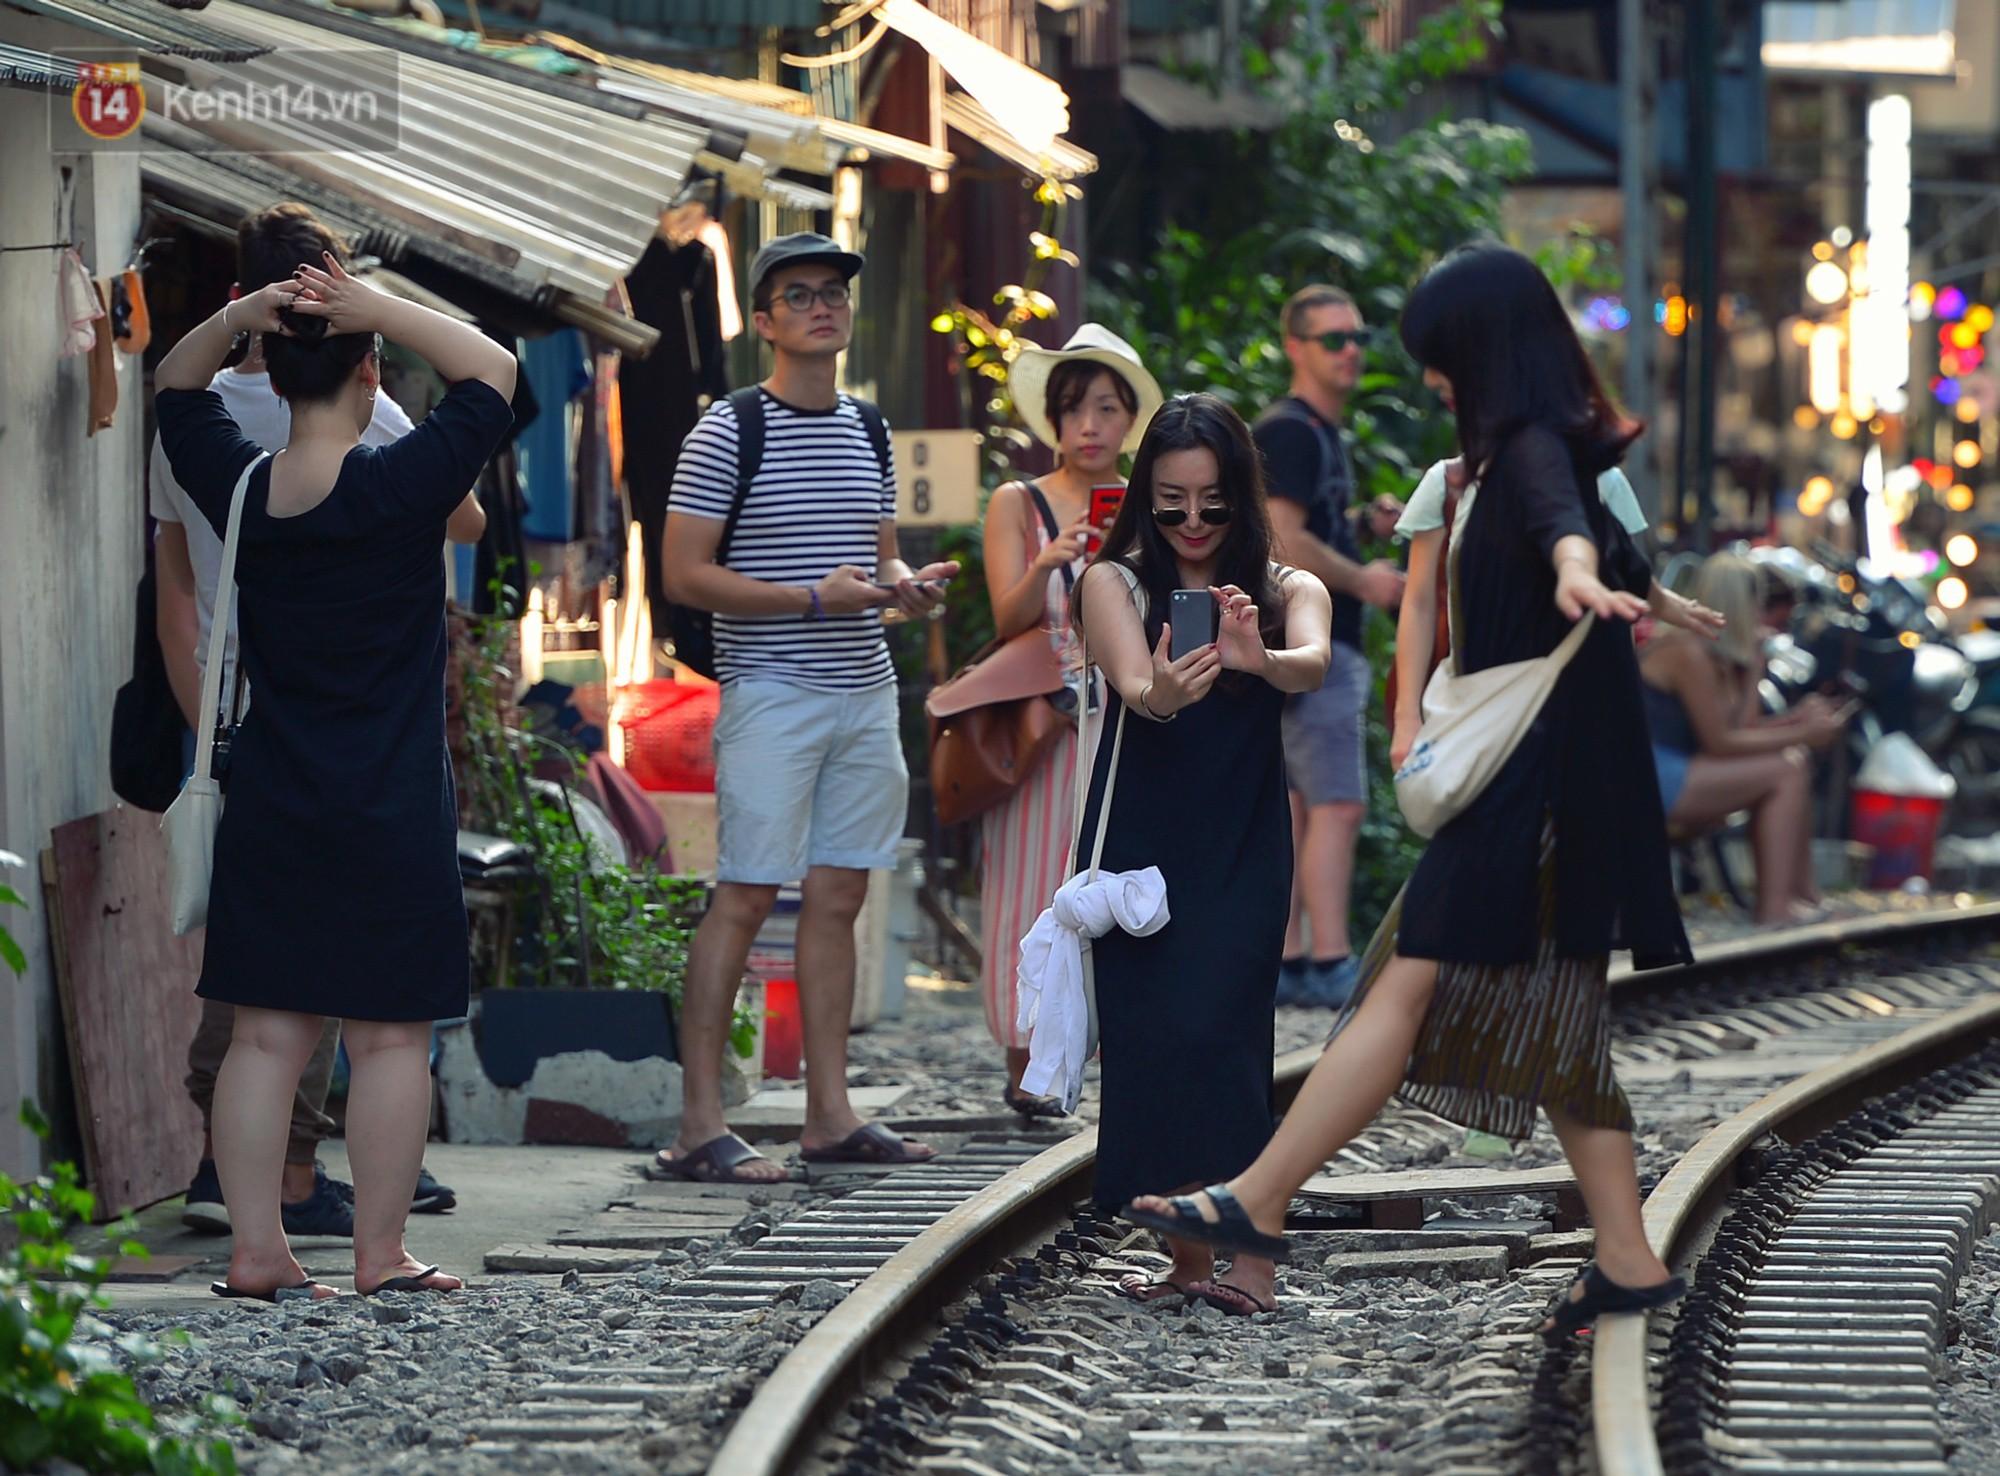 Hà Nội: Xóm đường tàu đẹp không kém làng cổ Thập Phần, Đài Loan - Ảnh 4.